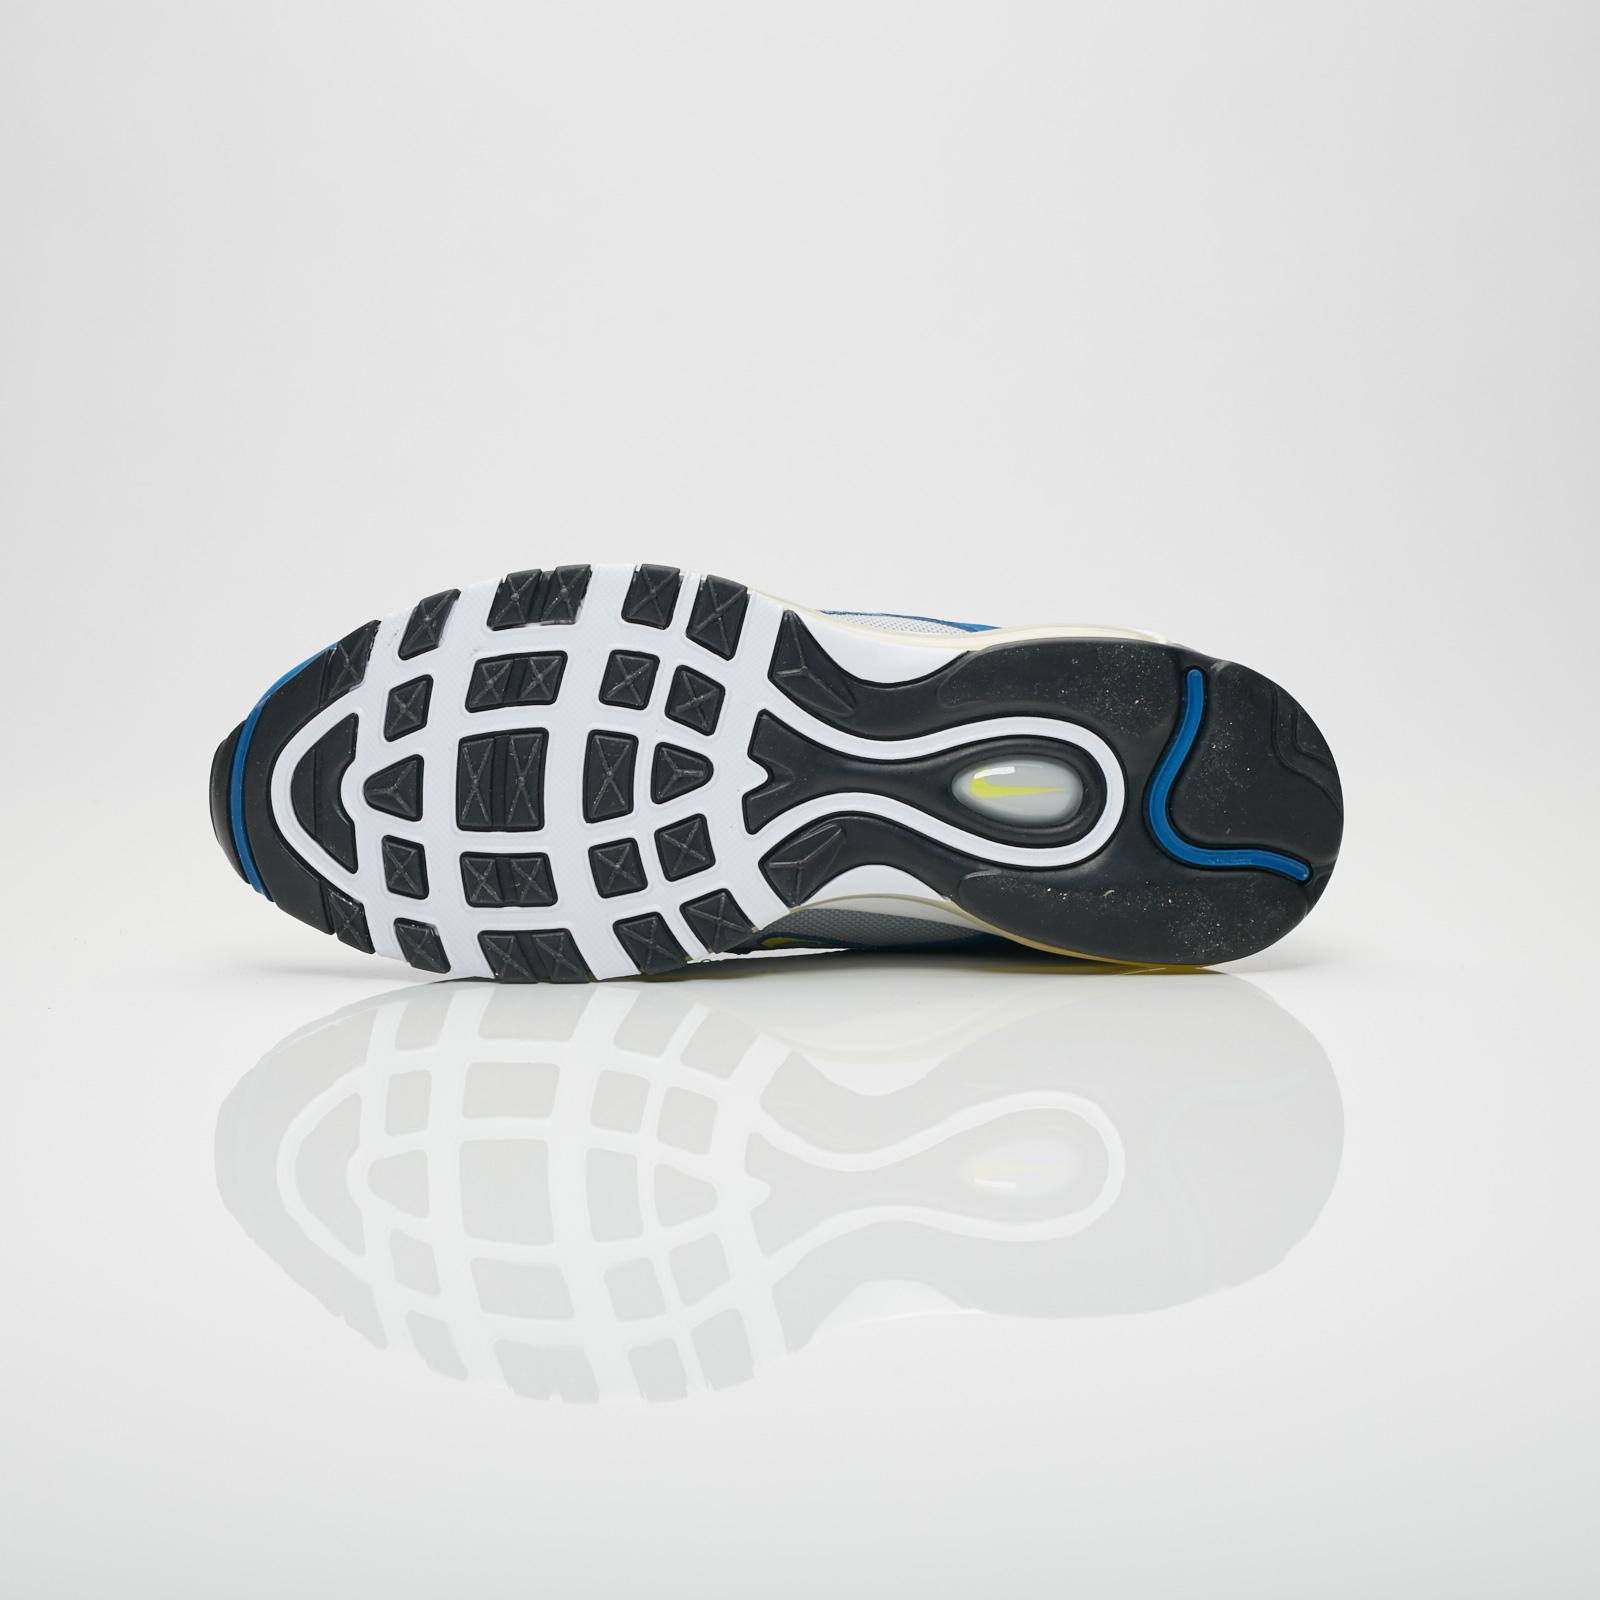 Nike Air Max 97 921826 401 Basketsnstuff Baskets